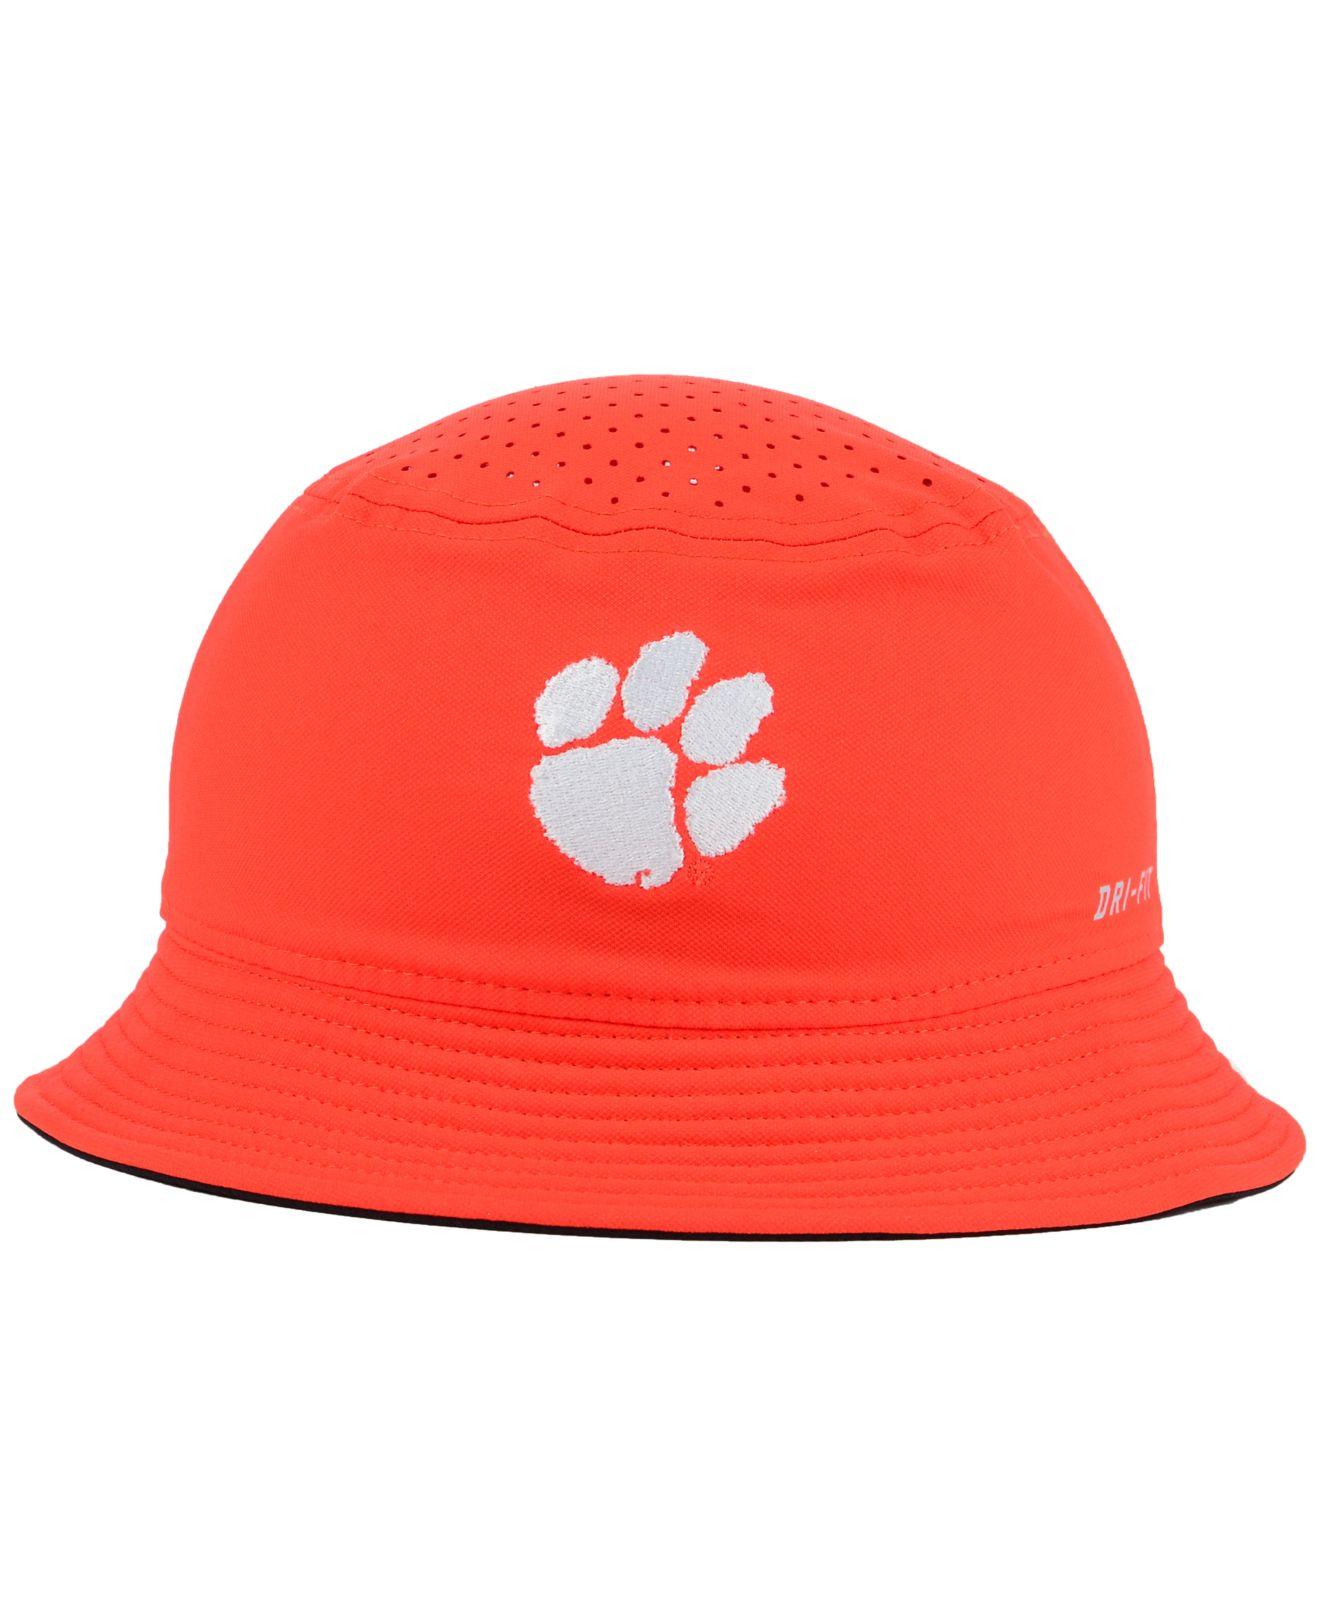 0aaa2aa6949 ... hot lyst nike clemson tigers vapor bucket hat in orange for men 118af  c89ac